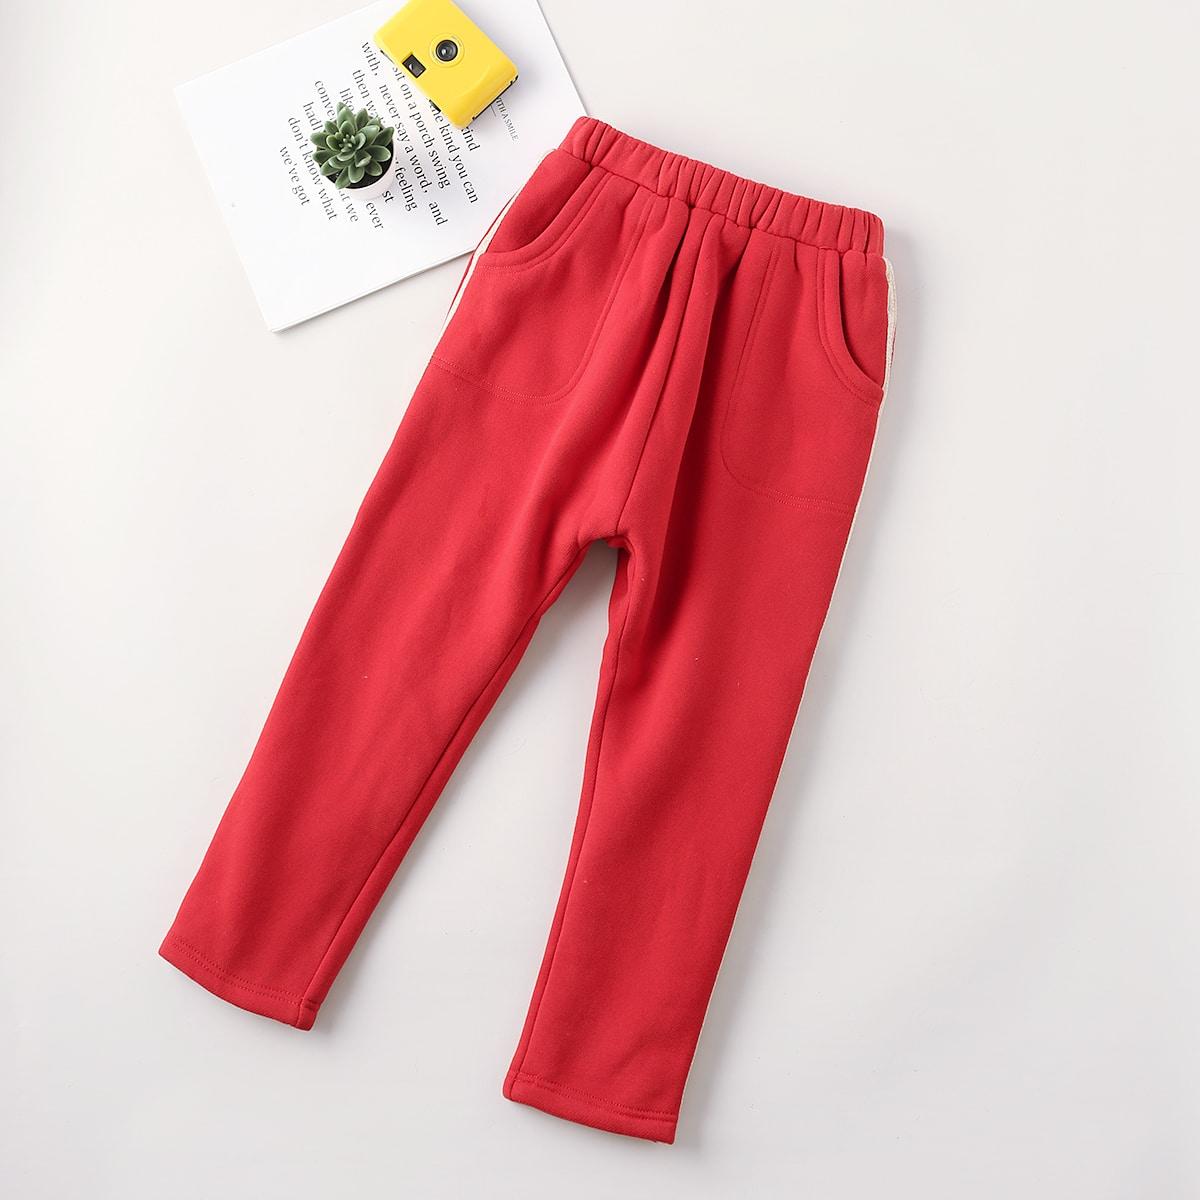 Карман полосатый спортивный брюки для маленьких девочек